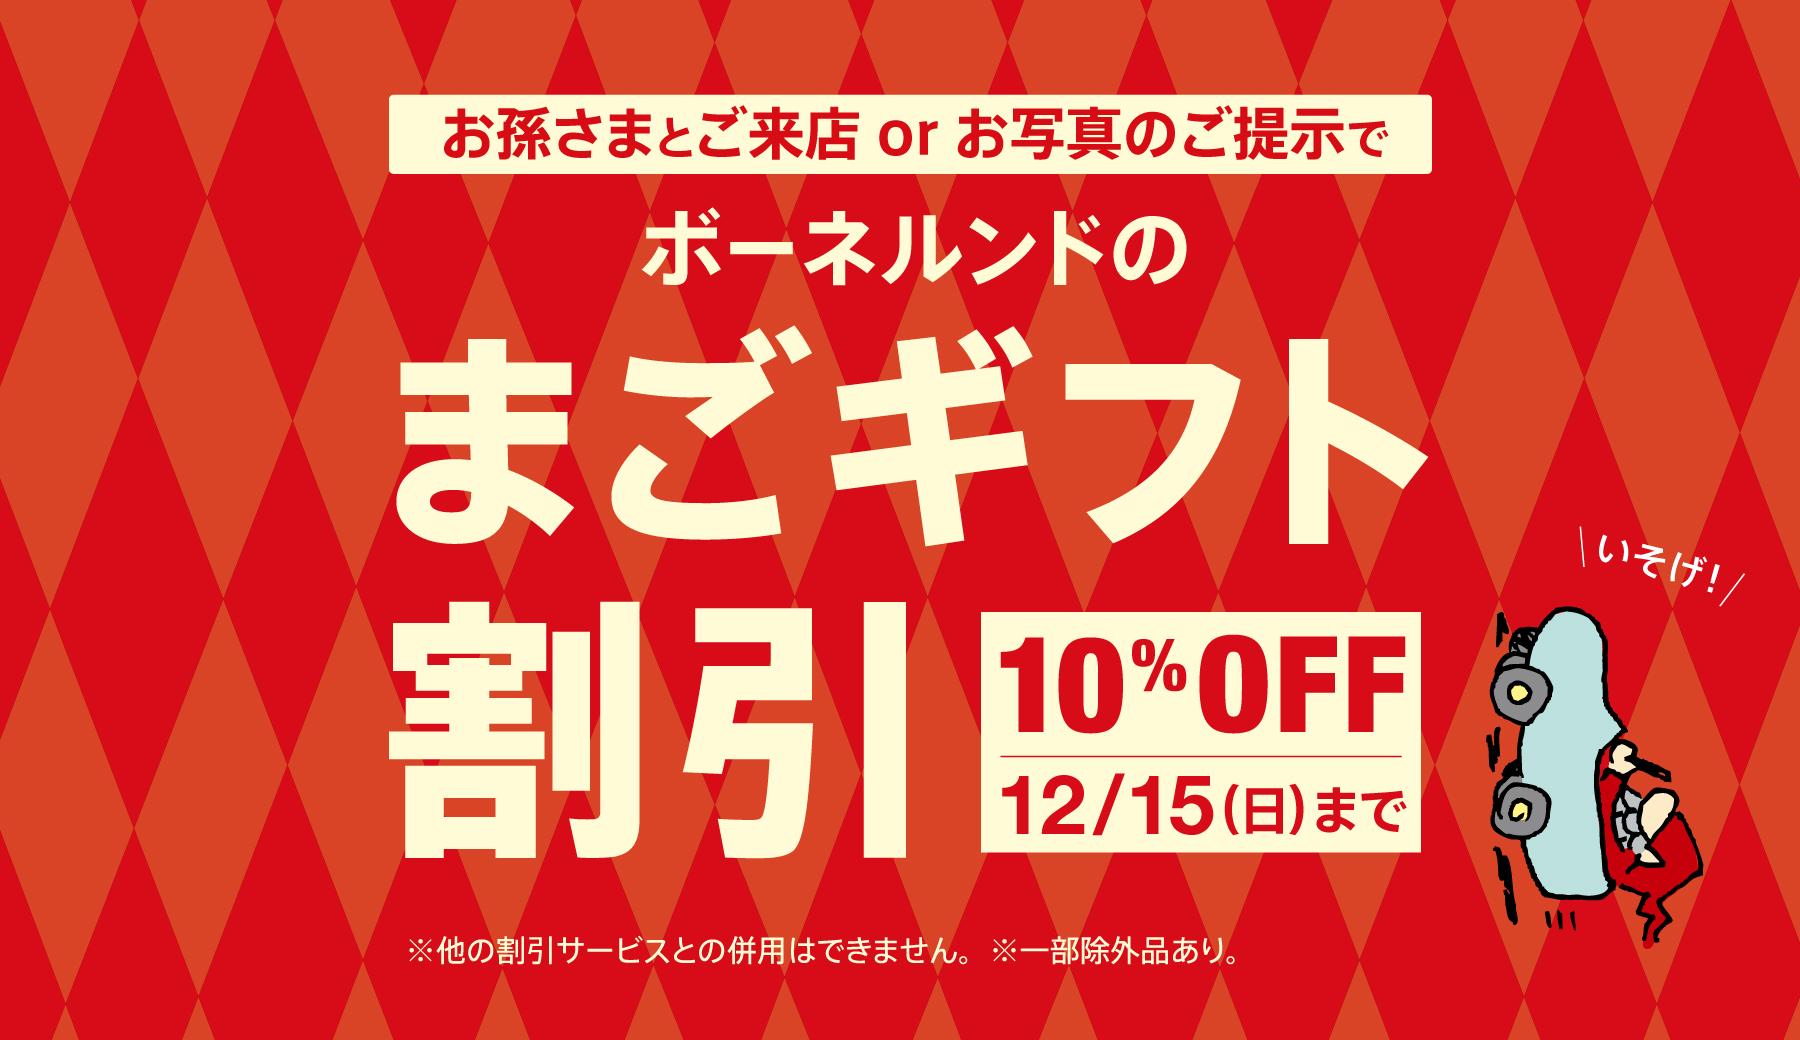 【まご割】クリスマスプチギフト特集!!【今週末まで】